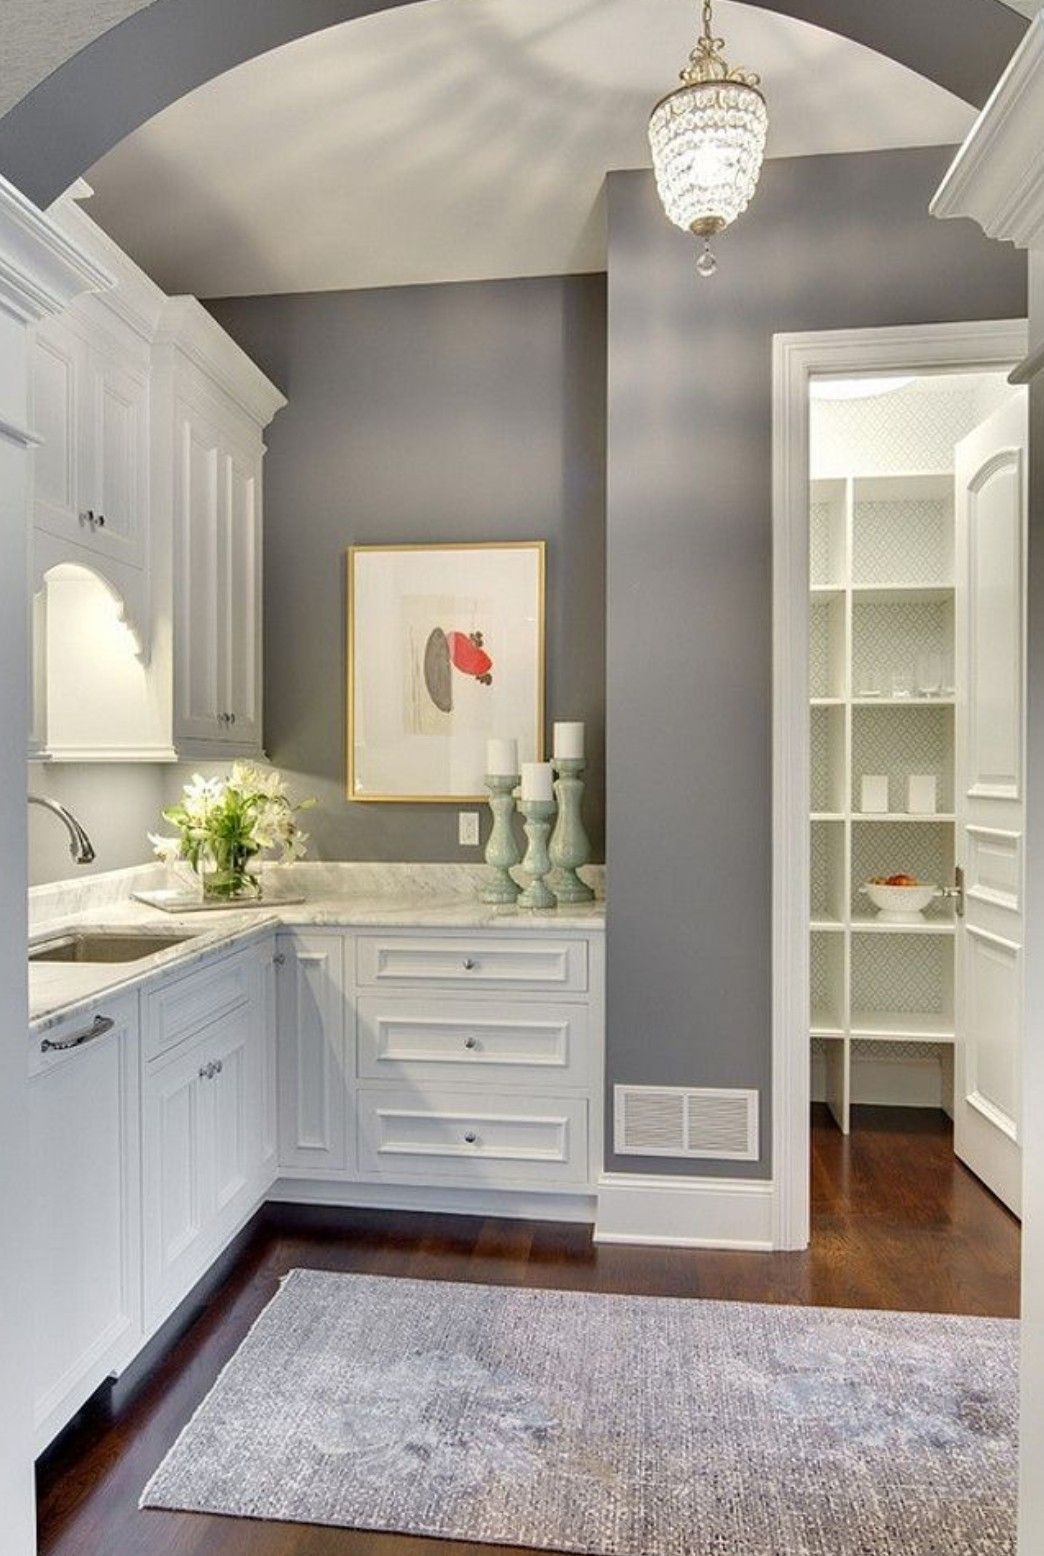 Pin von Sonya Noga auf Wow Interiors/ Bathrooms | Pinterest ...